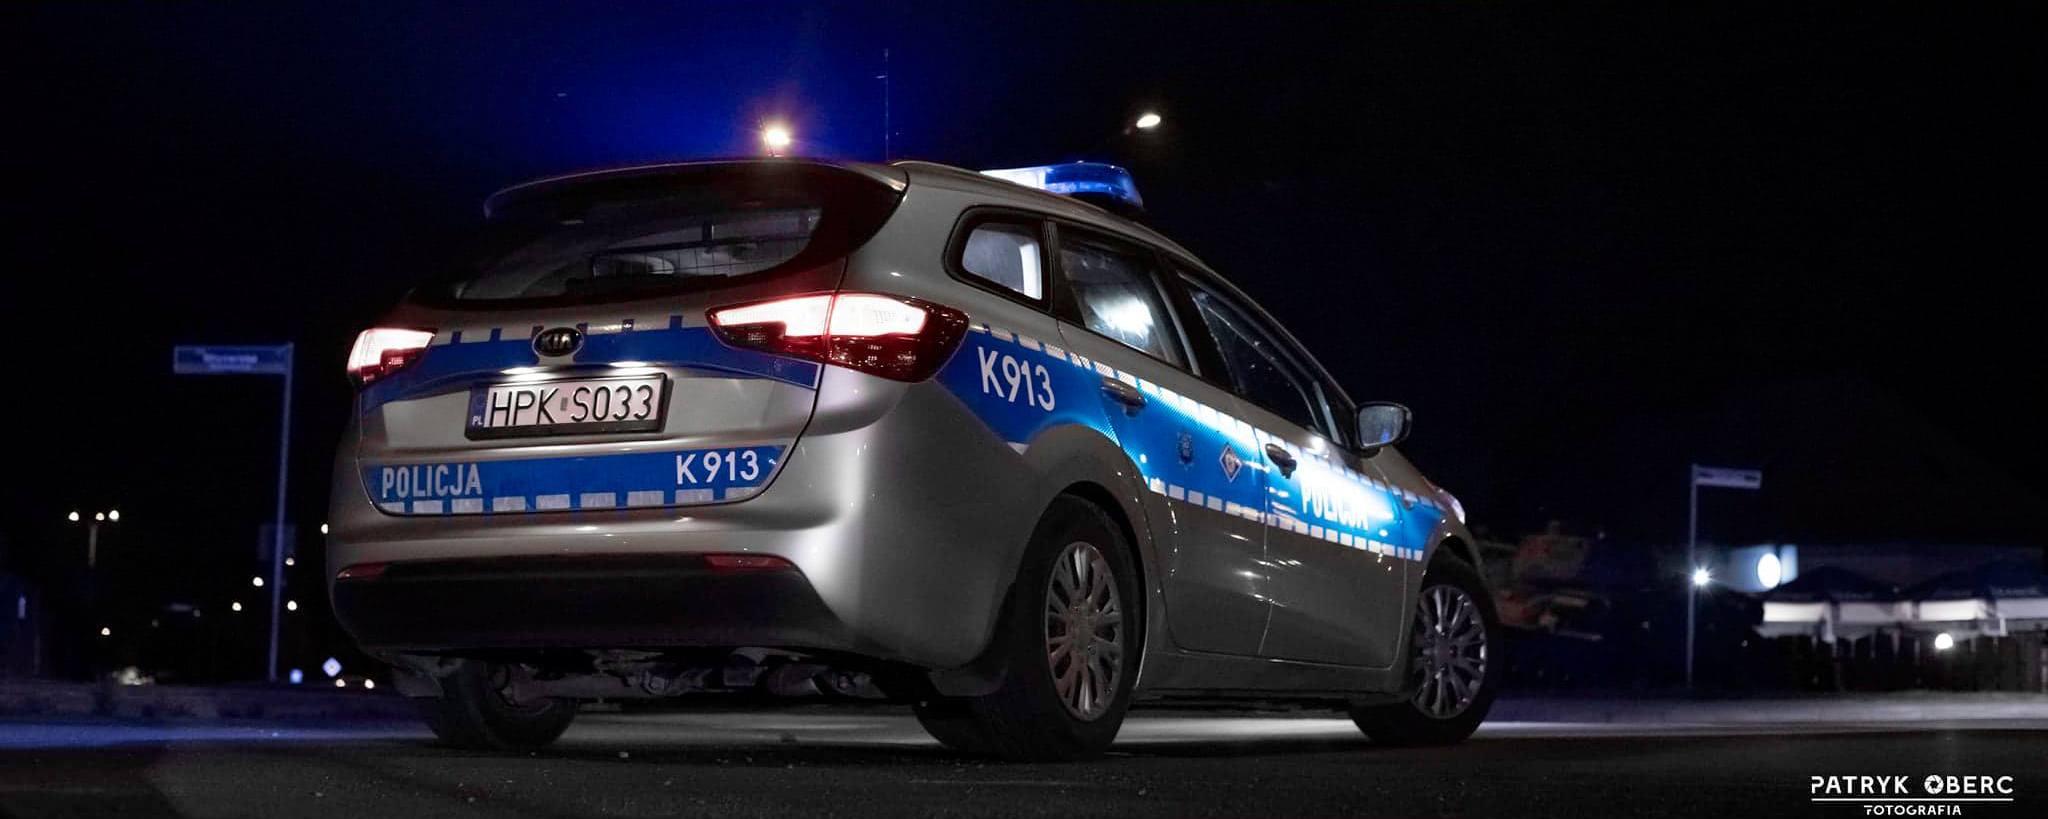 Majowy weekend w statystykach policyjnych - podsumowanie - Zdjęcie główne